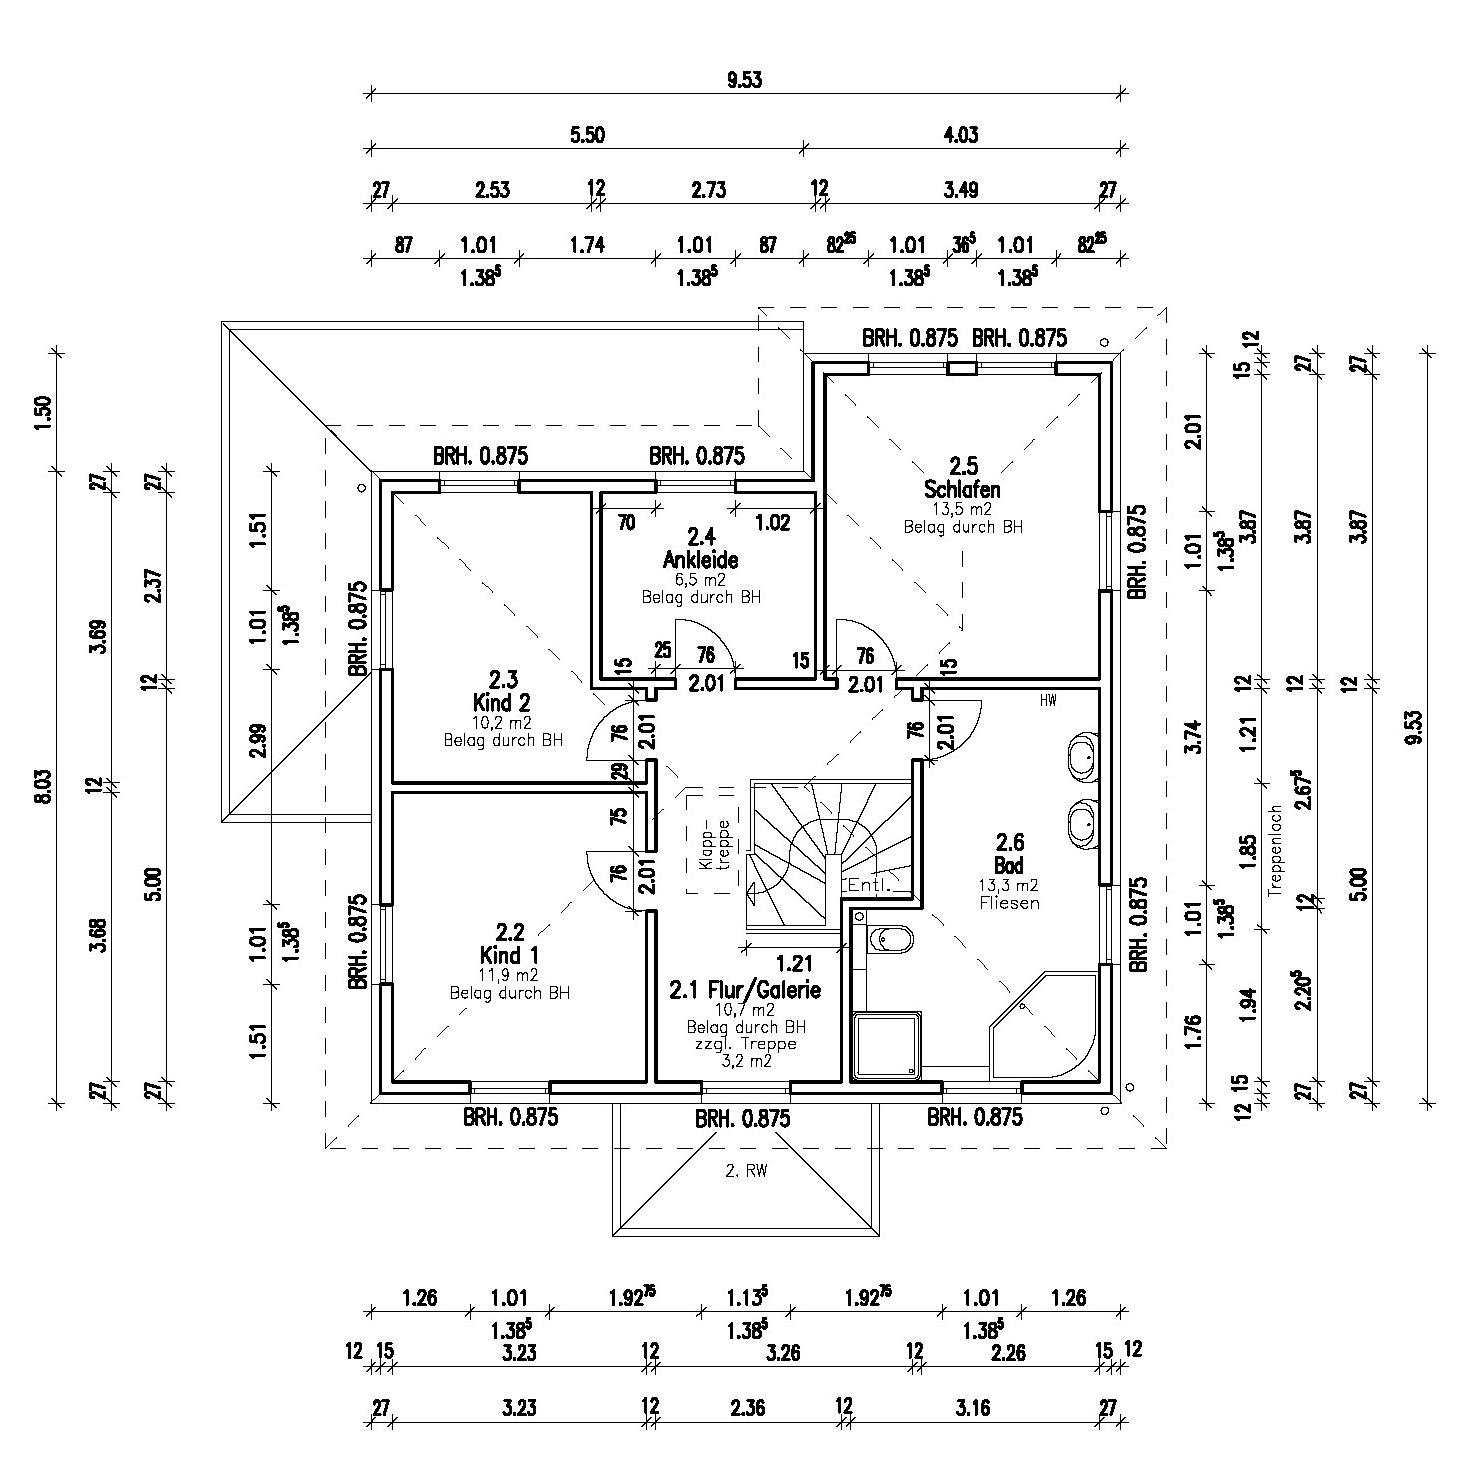 Bautagebuch der Familie Labion / Bogasch mit OSOW BU in Hönow ... size: 1468 x 1465 post ID: 0 File size: 0 B